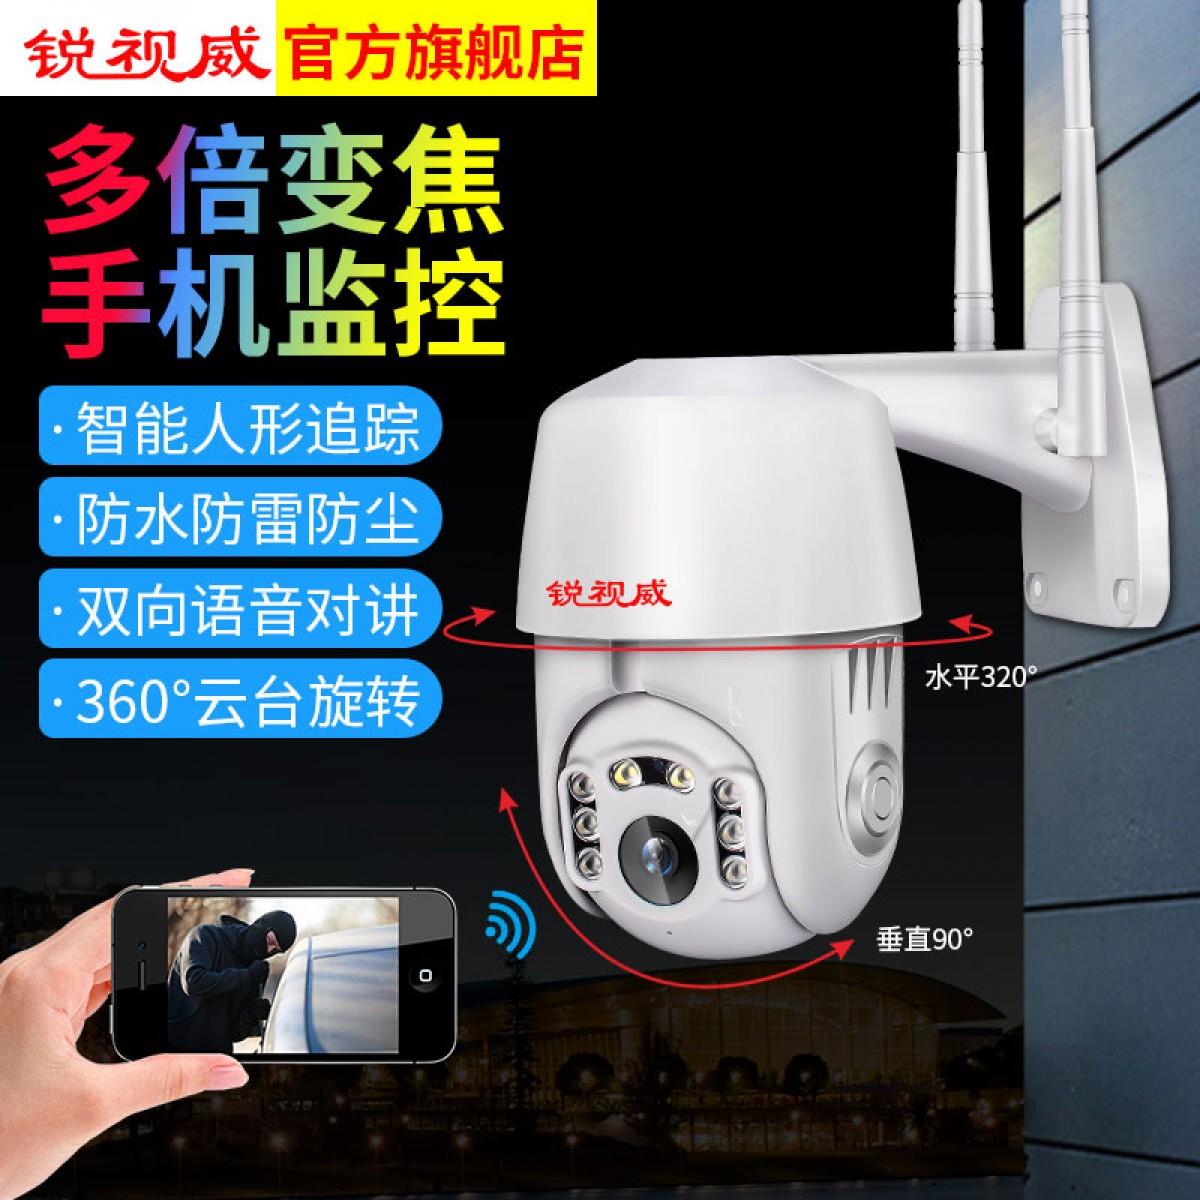 无线wifi监控器室外防水高清夜视摄像头户外家用探头球机手机远程